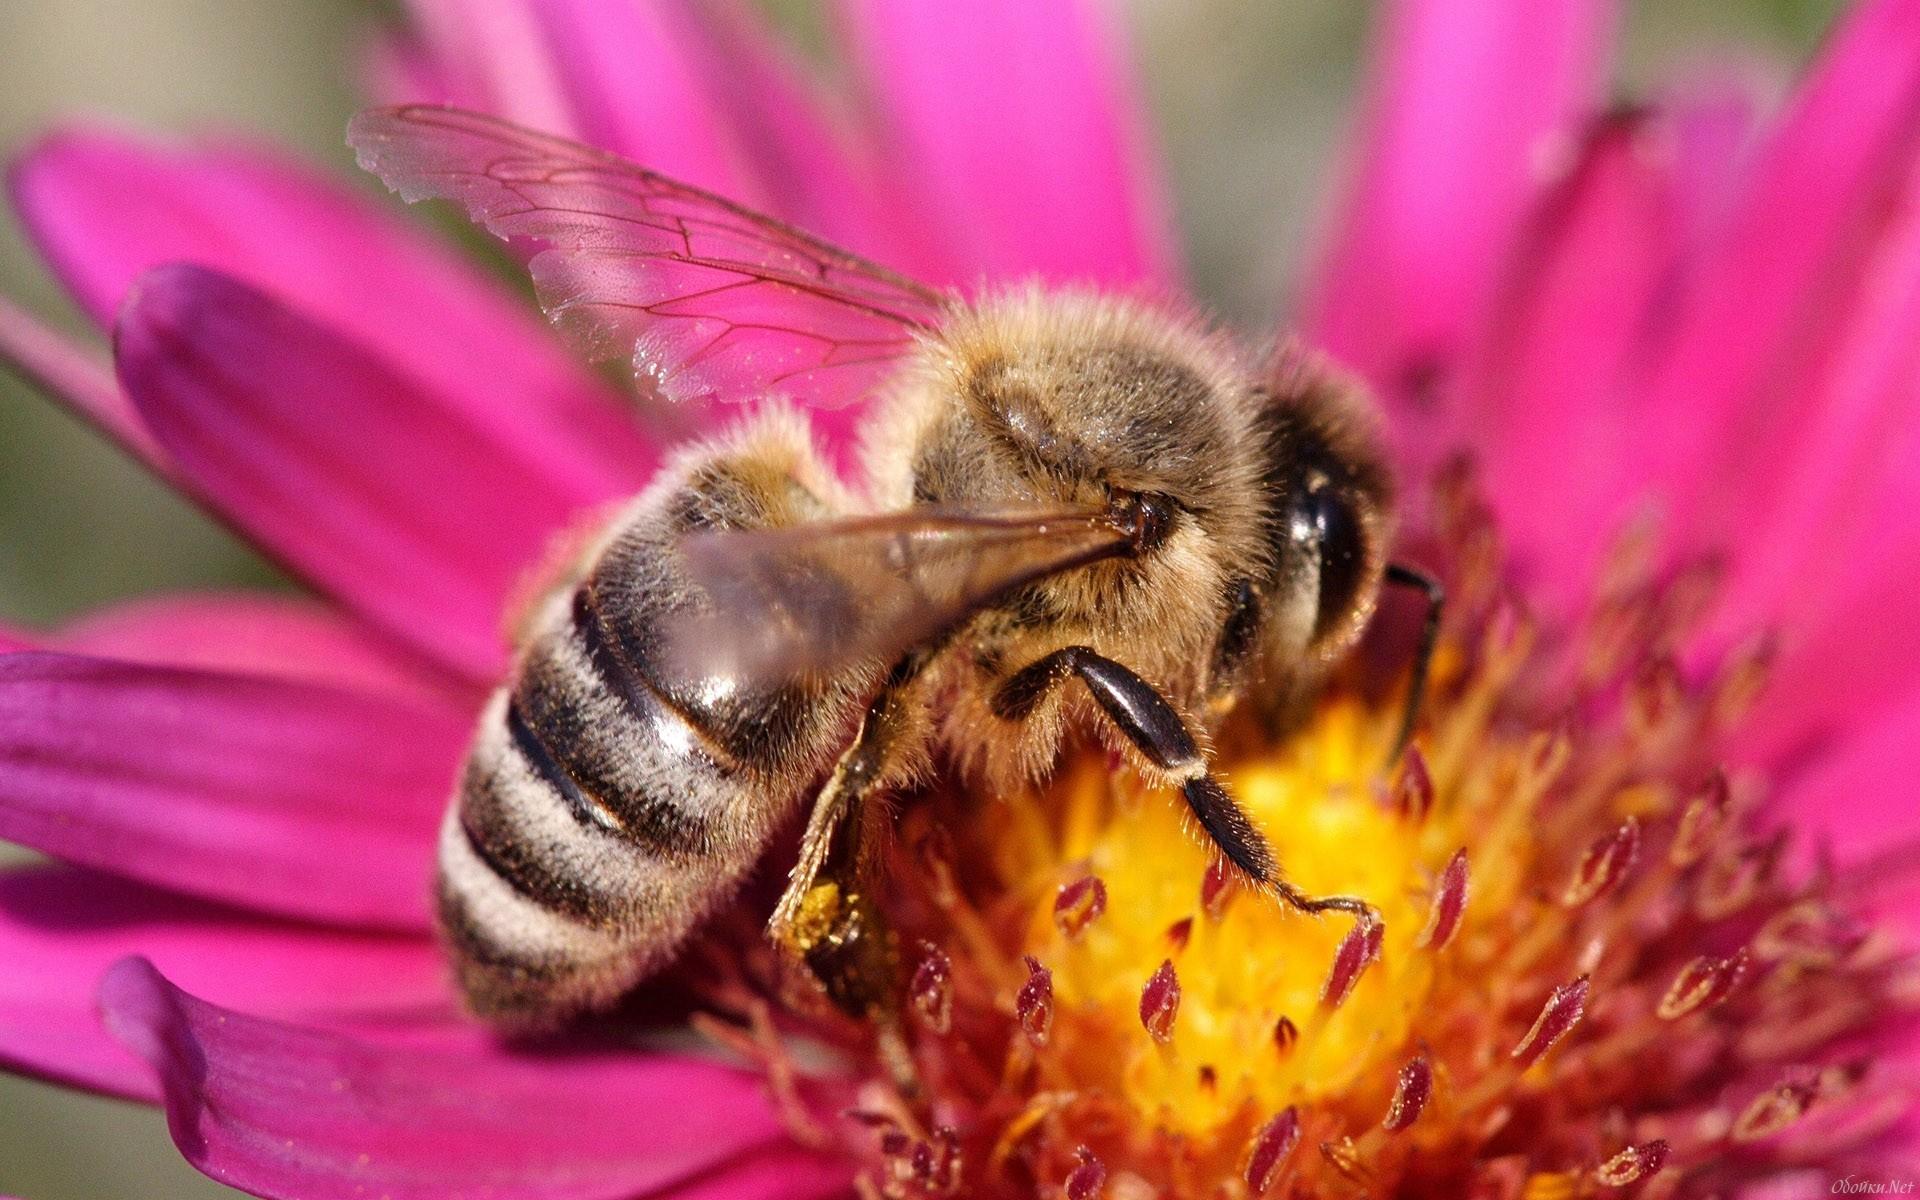 макро одуванчик животное насекомое пчела цветы природа  № 3007303 загрузить